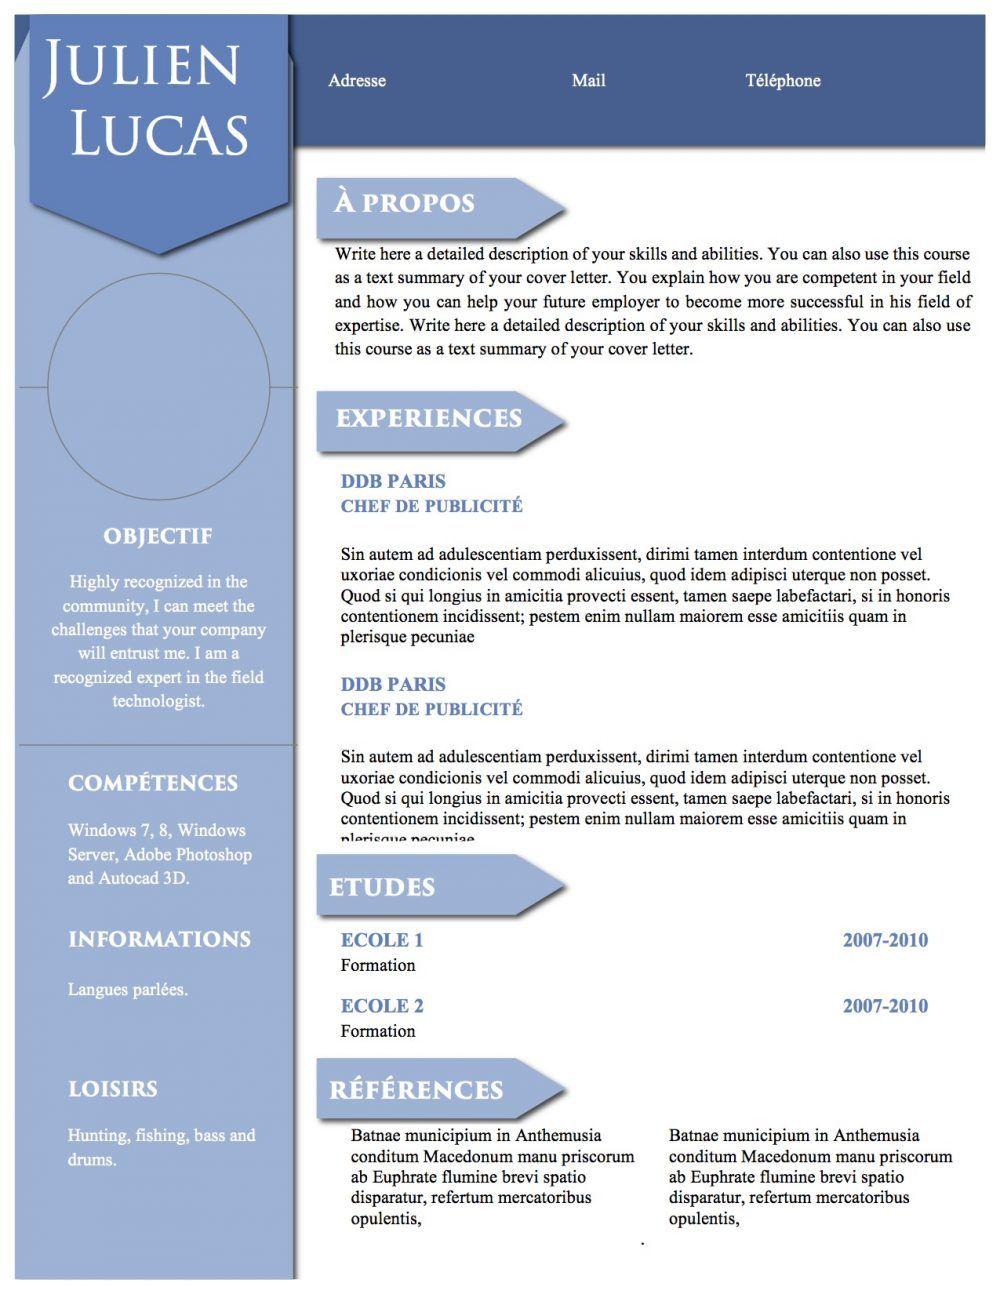 Modèle de CV simple et complet pour tous les types de